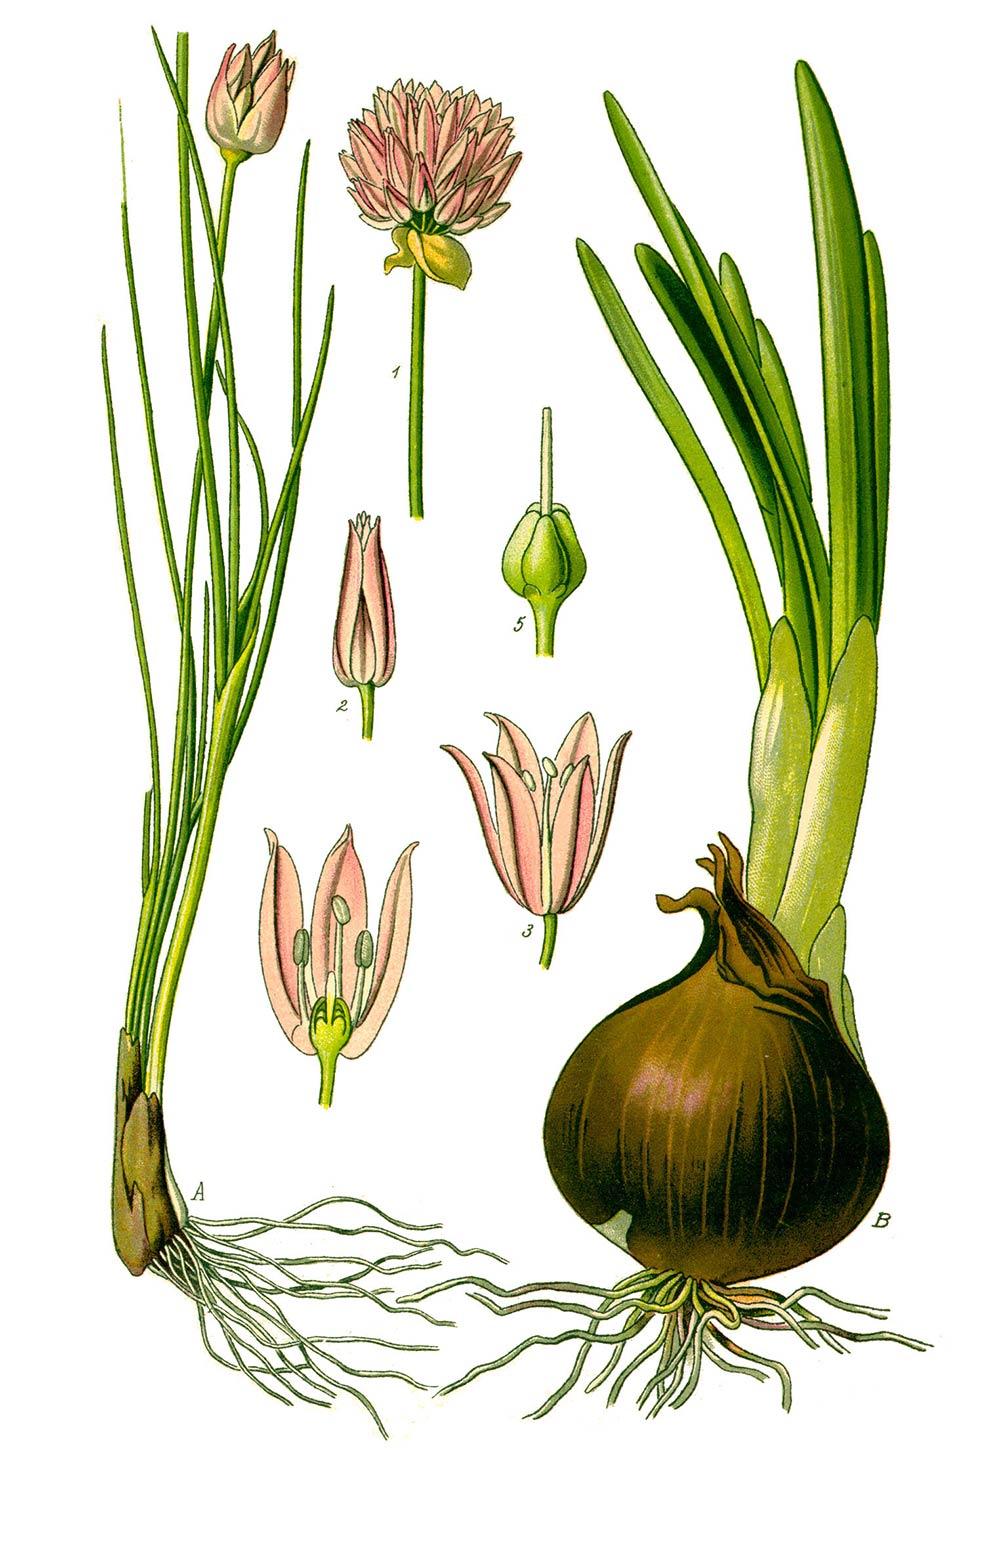 Ilustración de una cebolla Cebollino